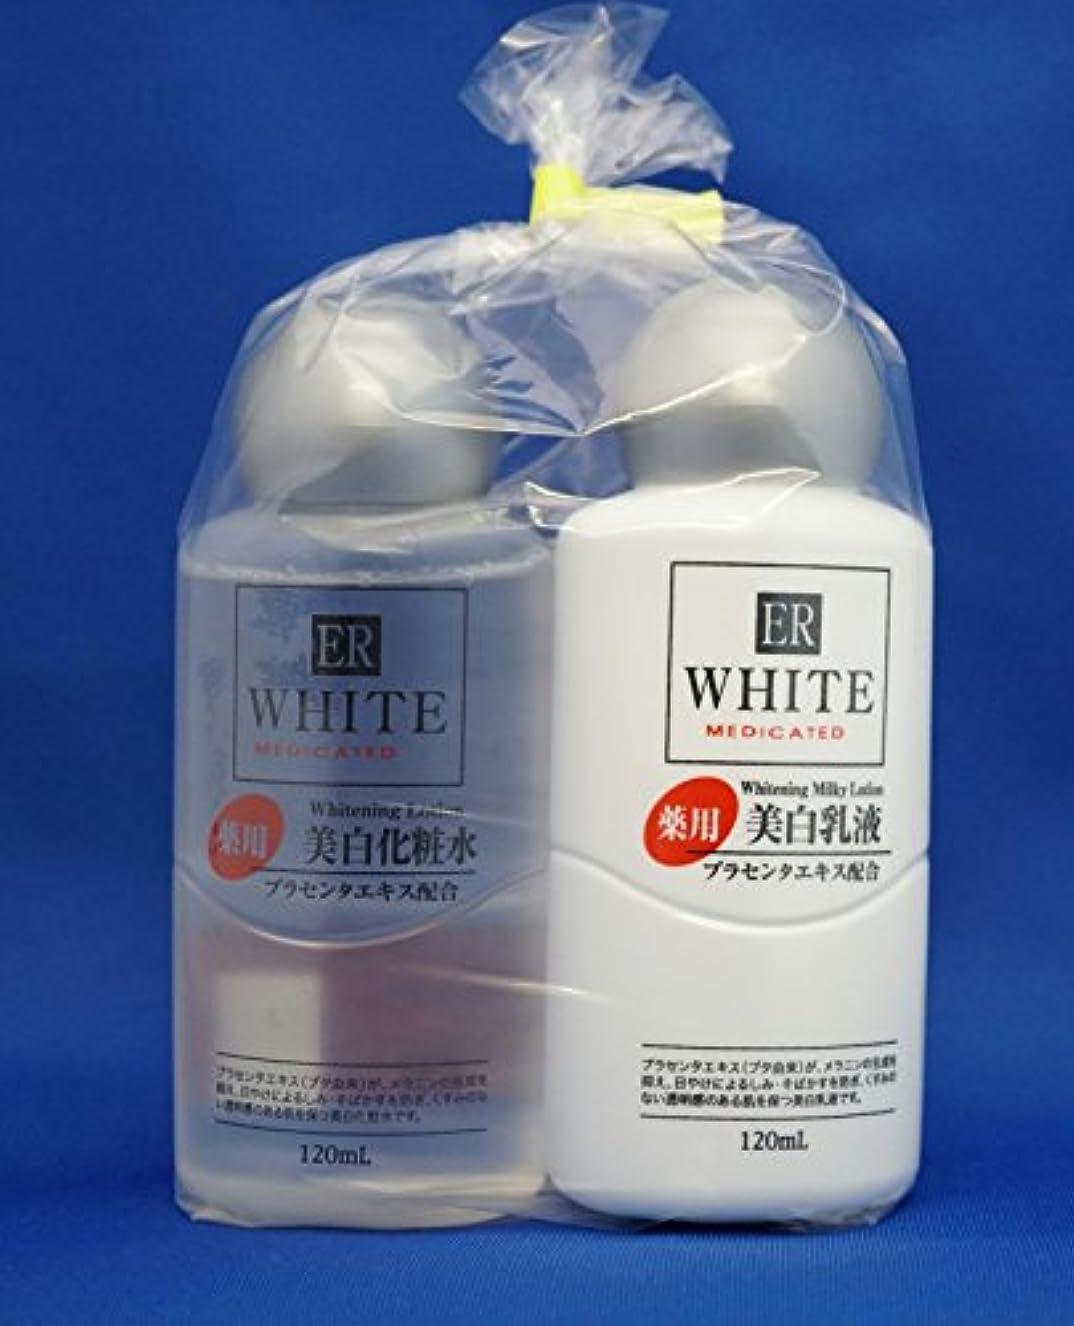 倒錯船外聴覚障害者2個セット ダイソー ER コスモ ホワイトニング ミルクV(薬用美白乳液) と ER ホワイトニングローションV(薬用美白化粧水)